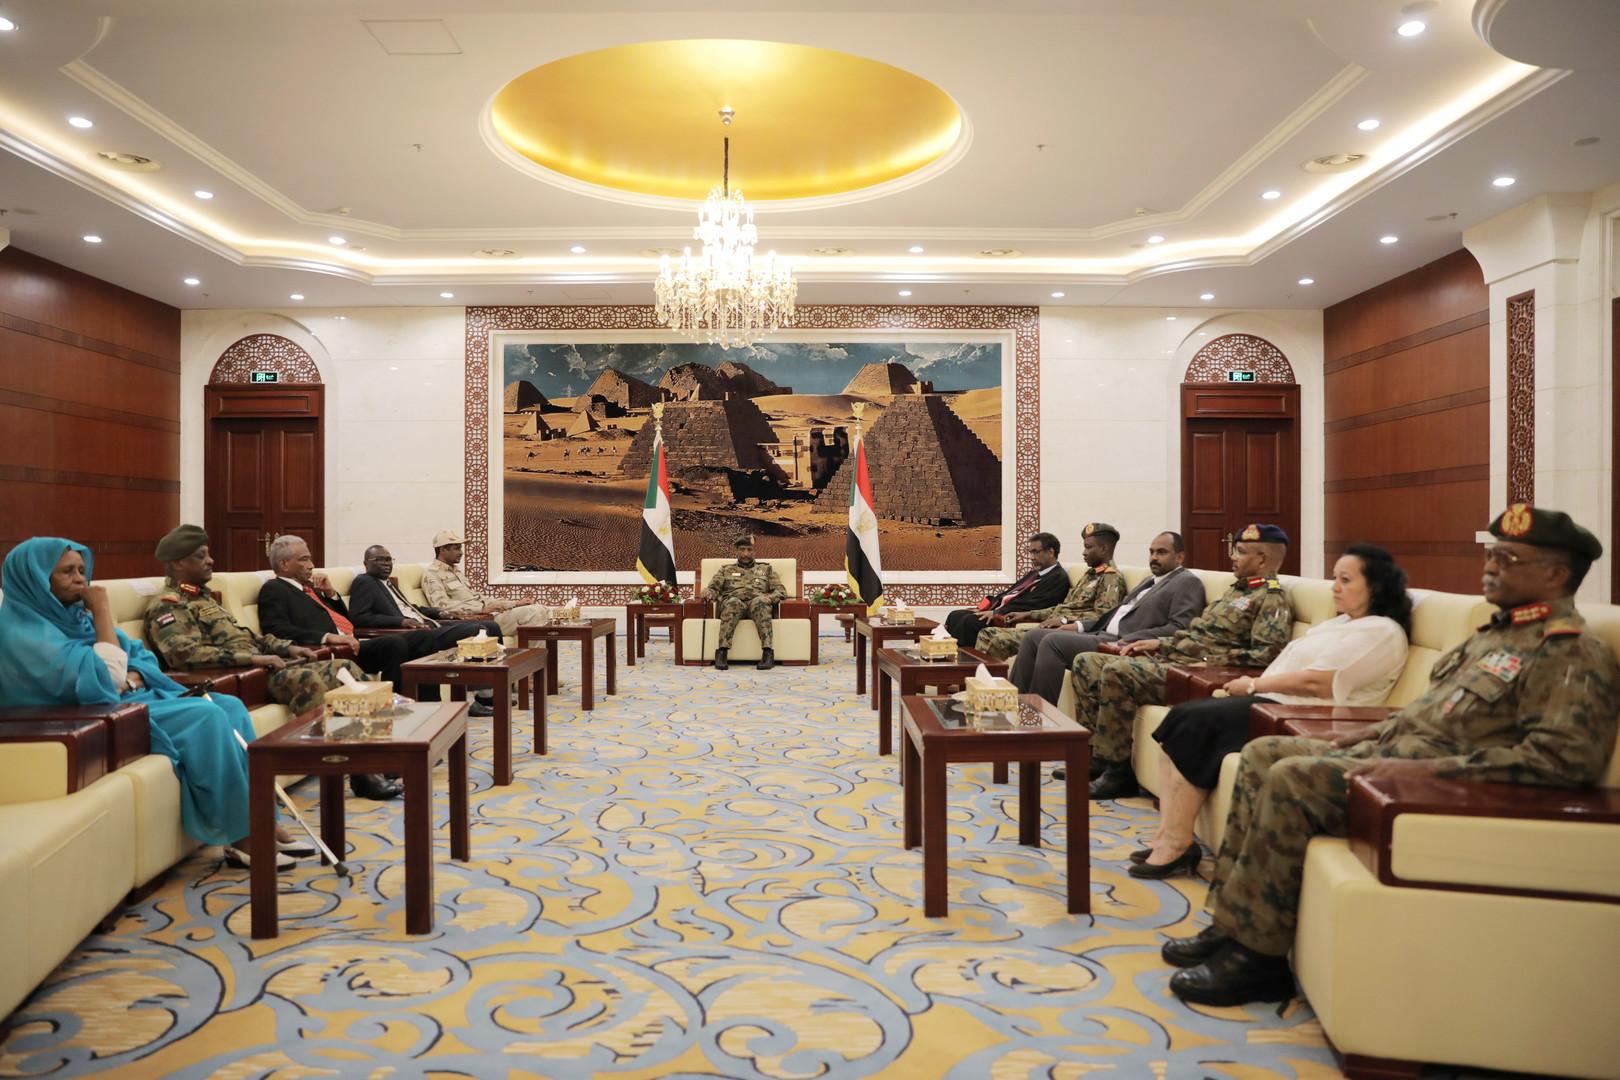 عضو مجلس السيادة السوداني: وضعنا يدنا على أموال ضخمة سيعلن عنها قريبا